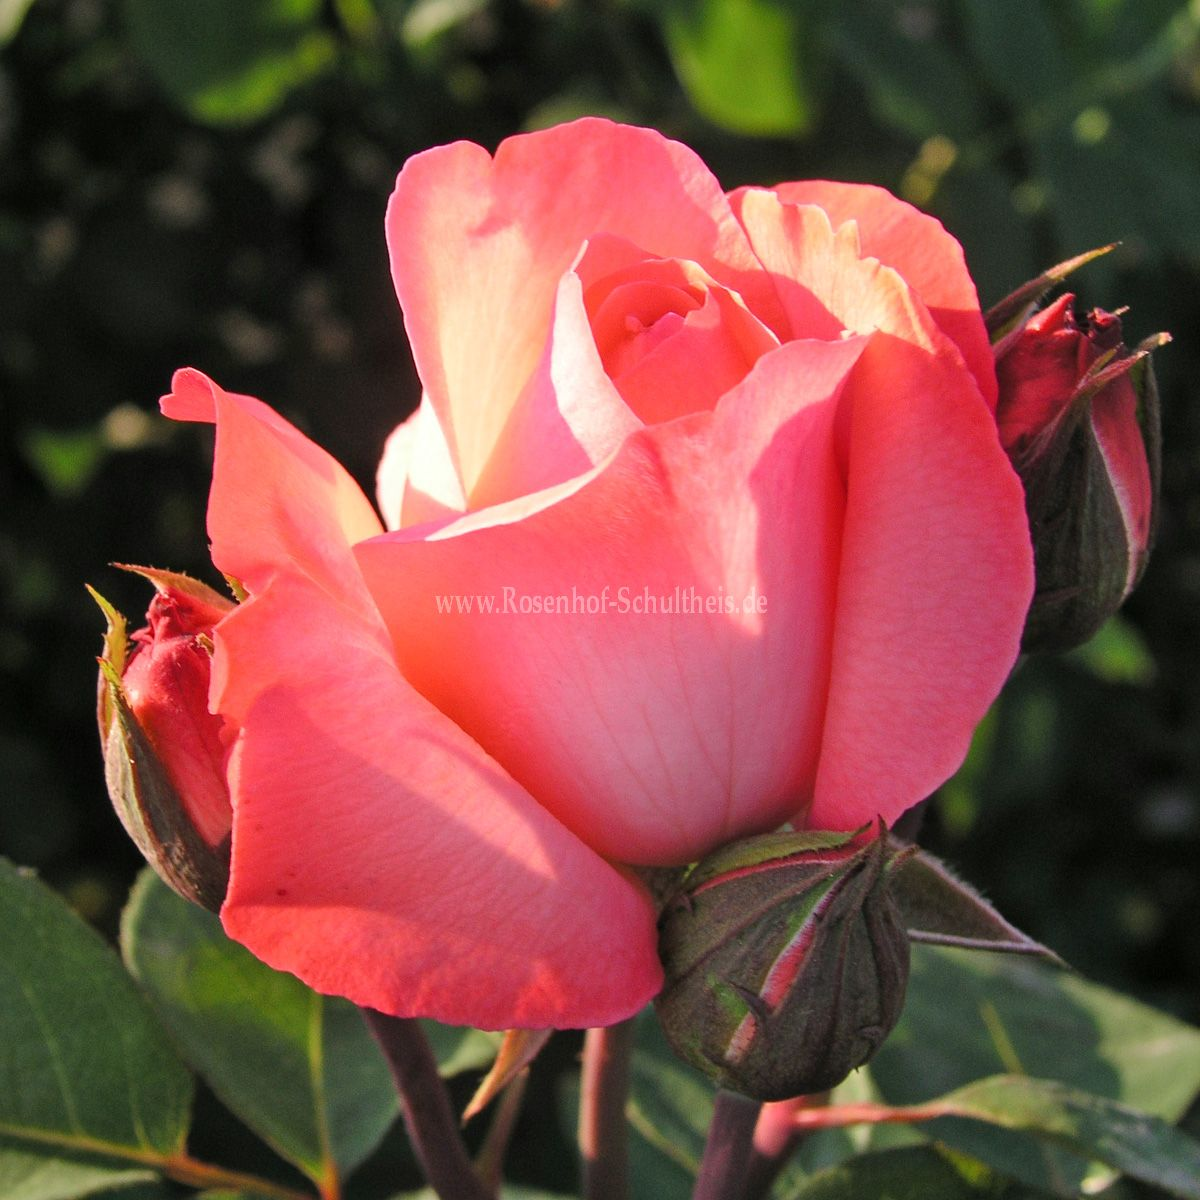 aachener dom rosen online kaufen im rosenhof schultheis rosen online kaufen im rosenhof. Black Bedroom Furniture Sets. Home Design Ideas